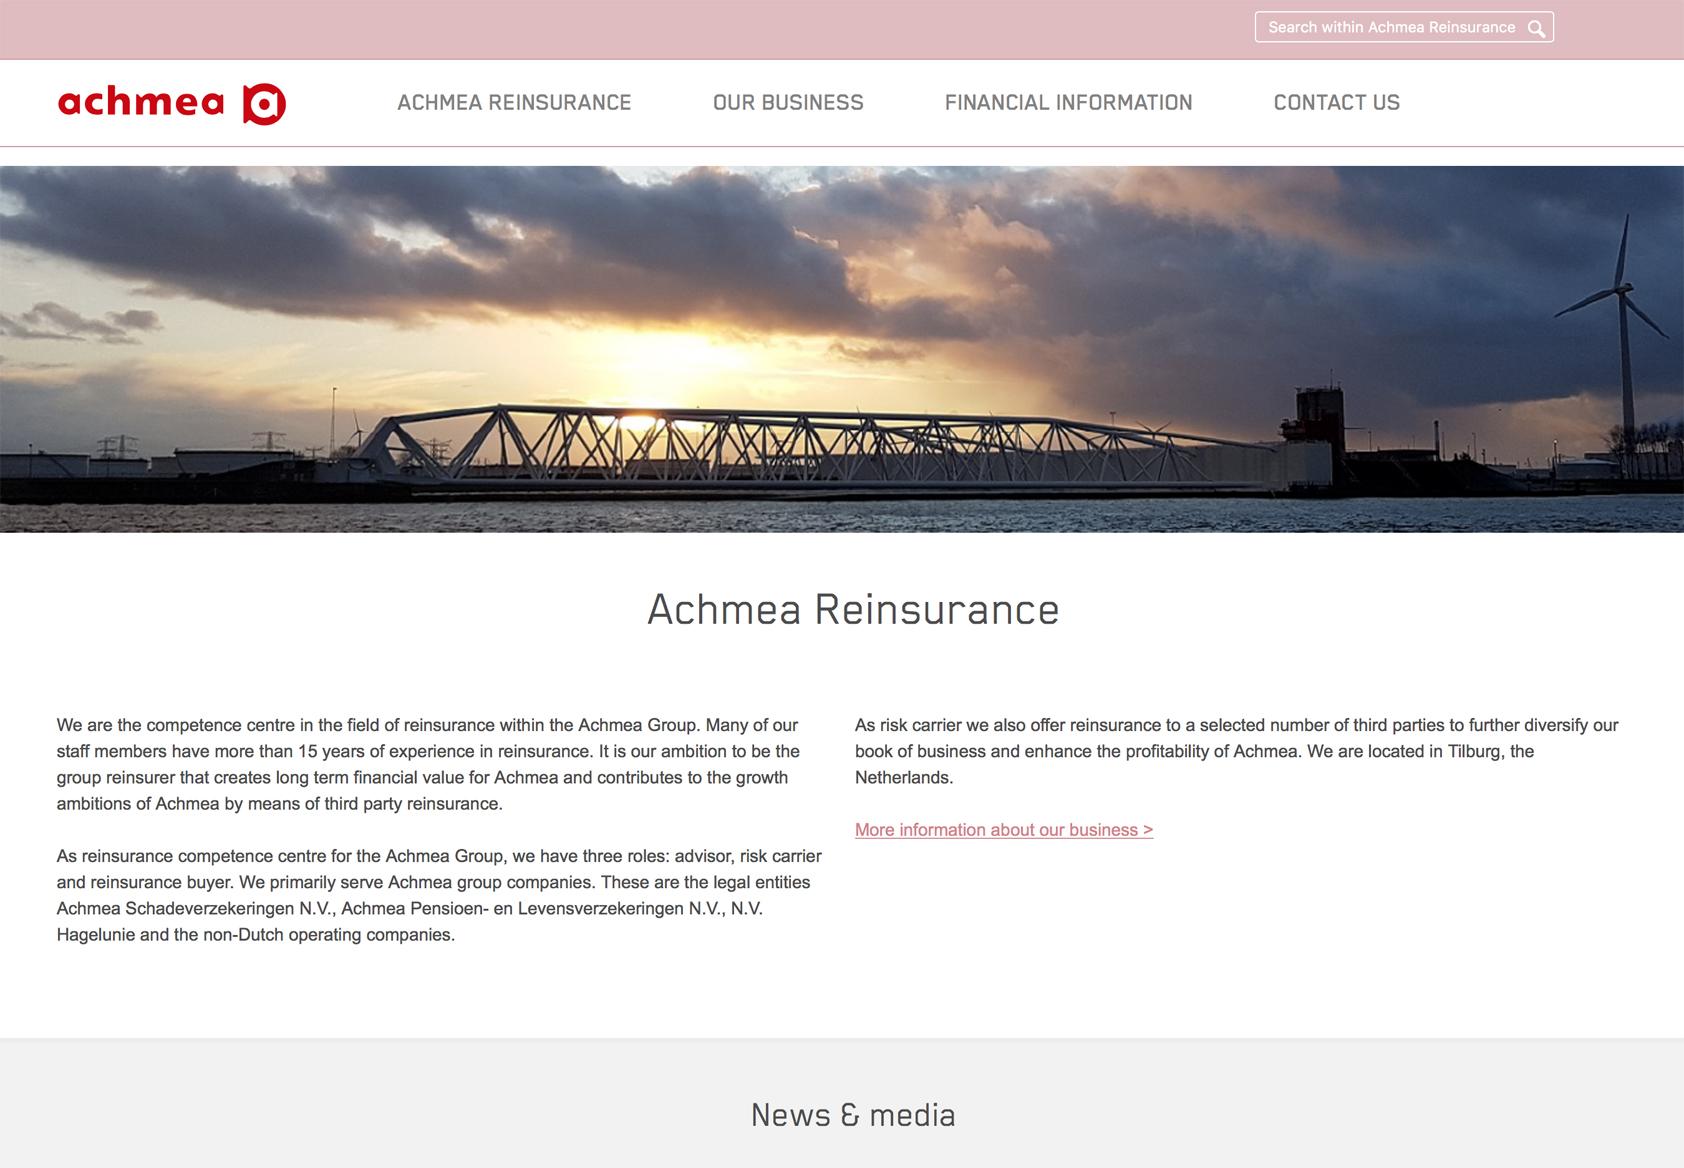 https://margowestgeest.nl/wp-content/uploads/2020/05/AchmeaReinsurance-1.jpg